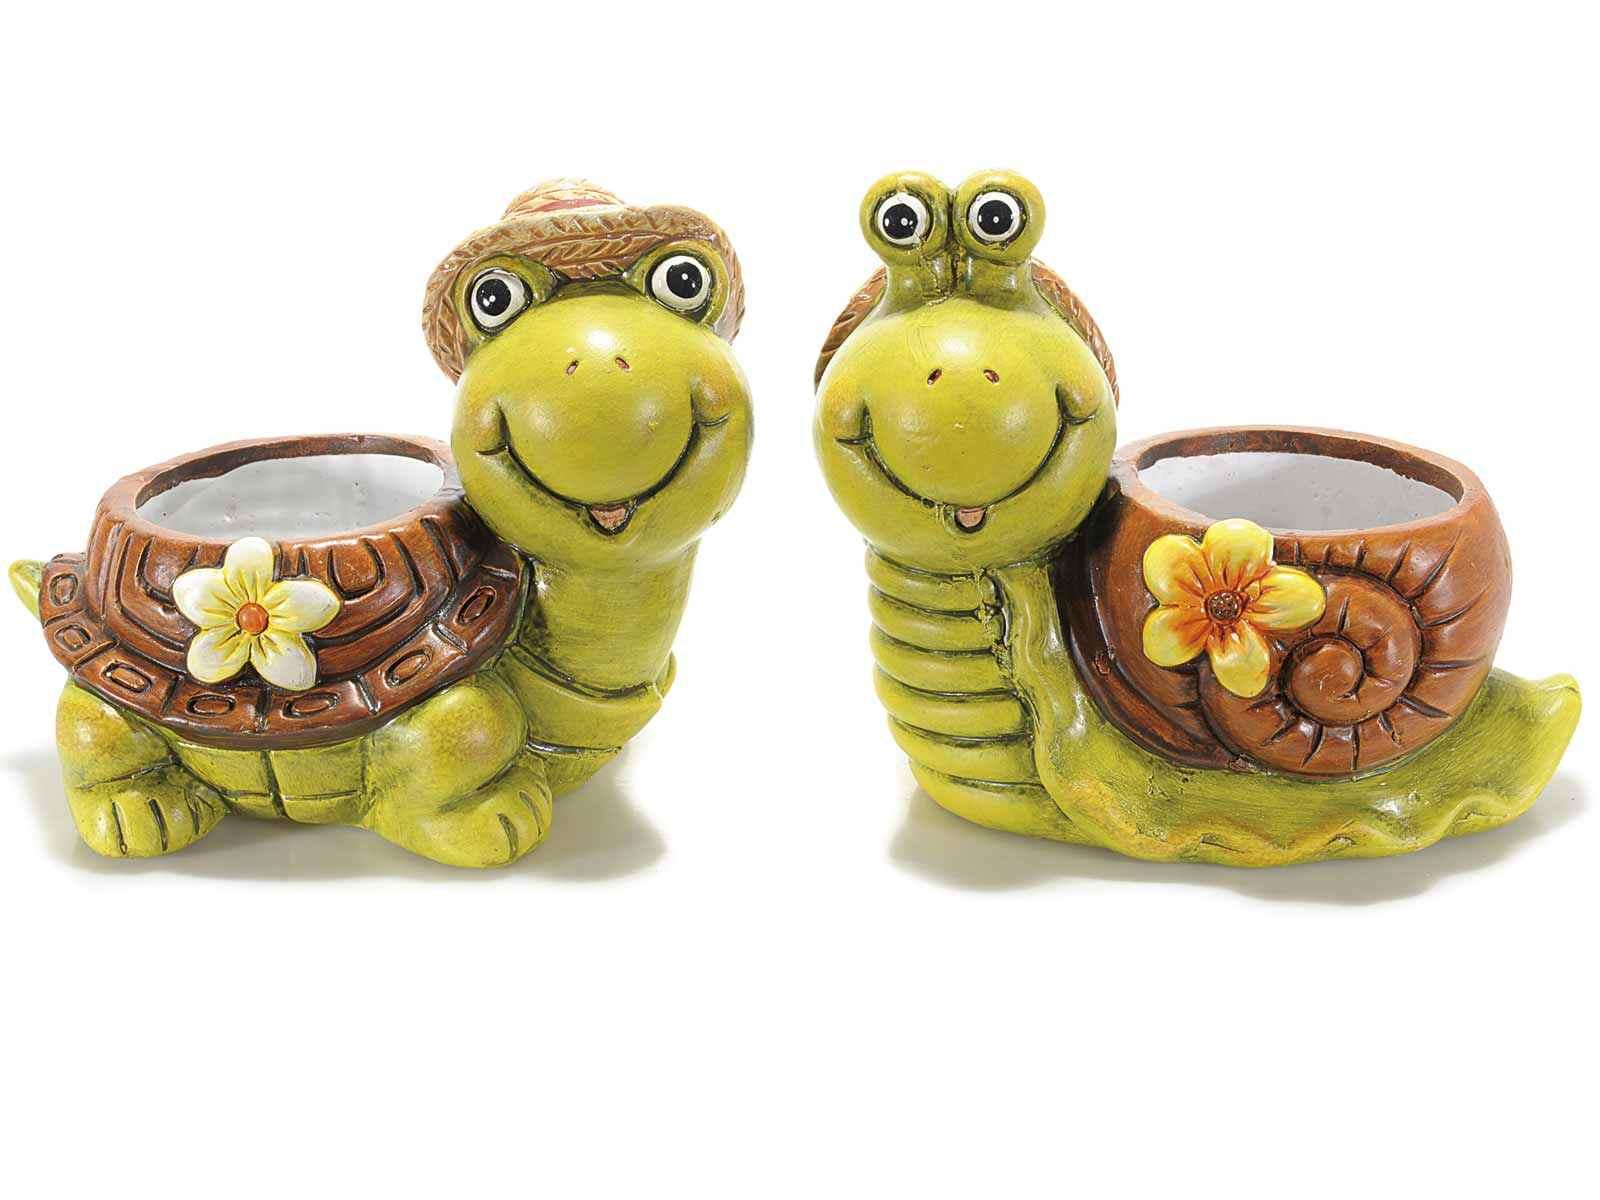 Florero en forma de tortuga/caracol de ceramica de color (71.29.16 ...